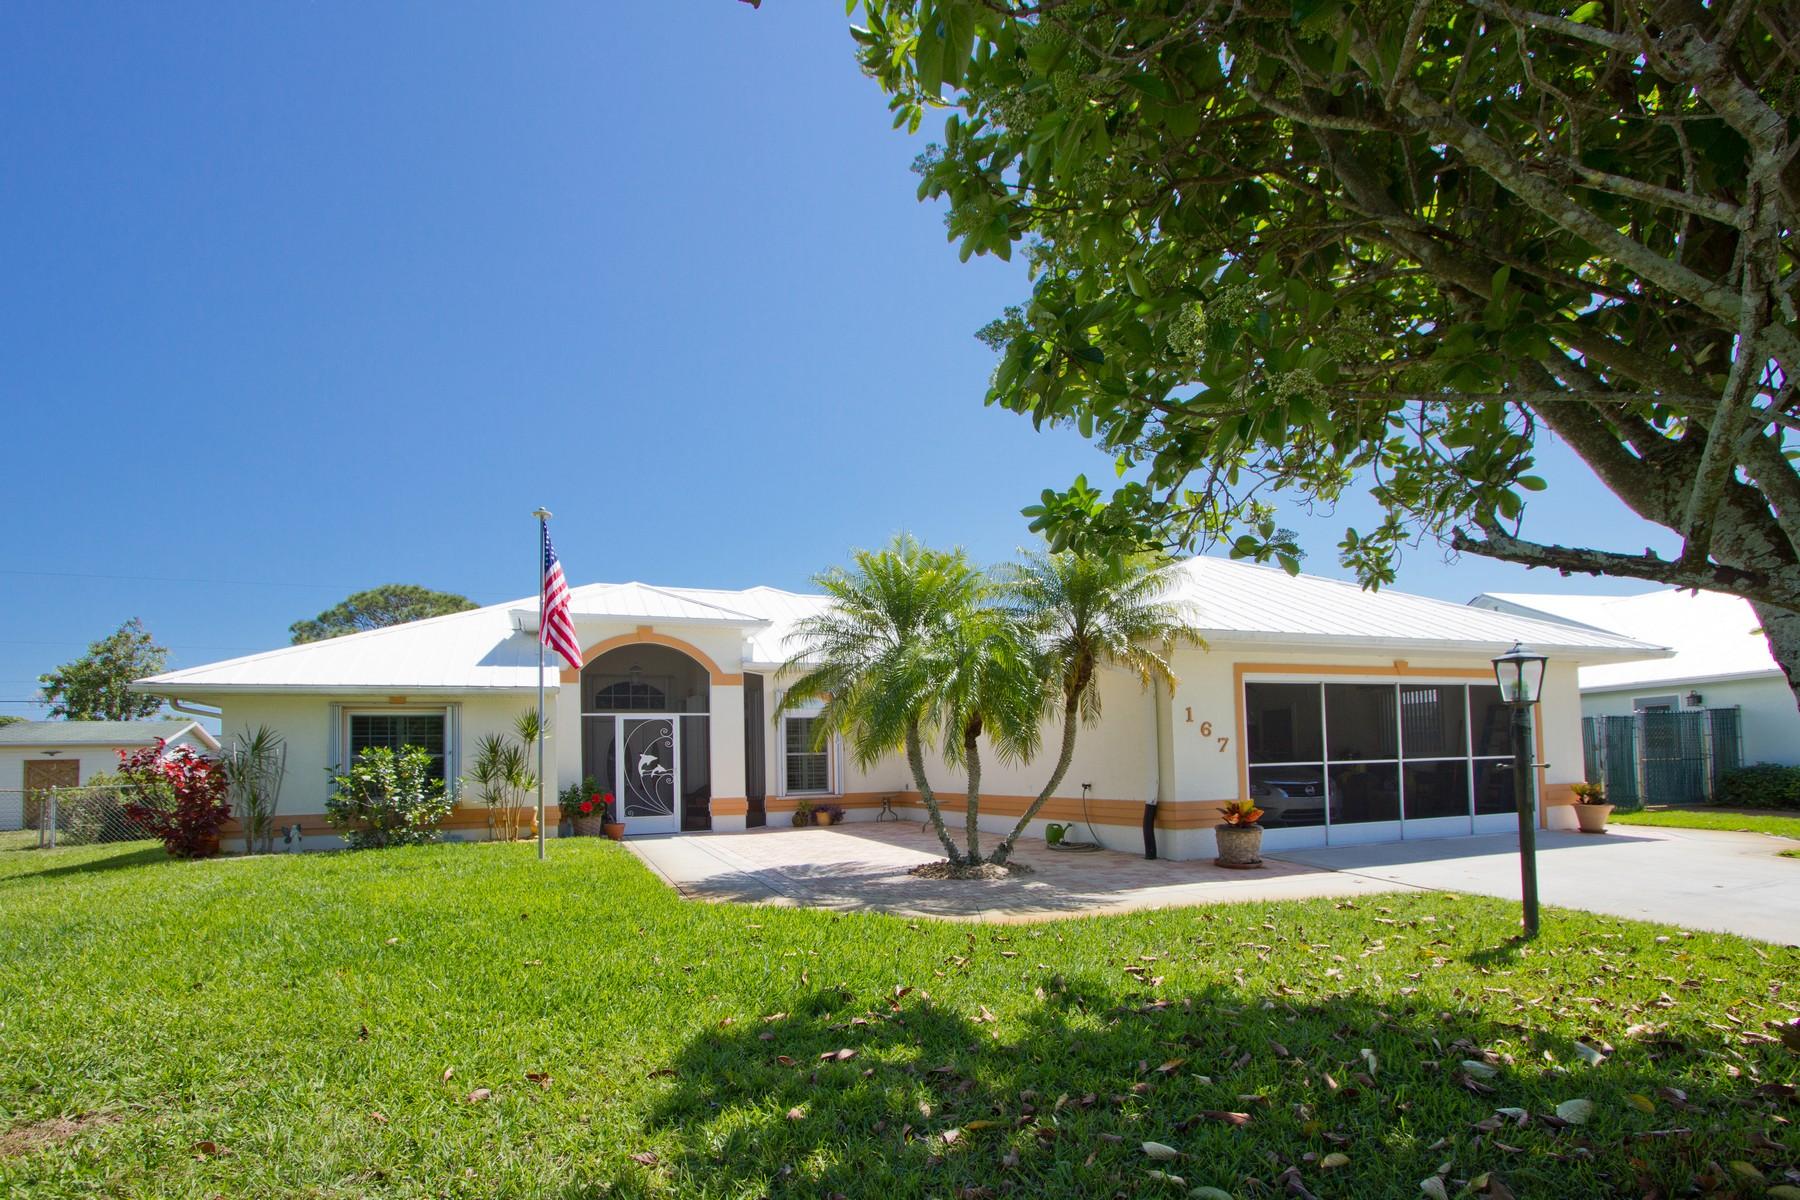 Μονοκατοικία για την Πώληση στο Tons of Upgrades Throughout this Split Floor Plan Home! 167 S Wimbrow Drive Sebastian, Φλοριντα 32958 Ηνωμένες Πολιτείες